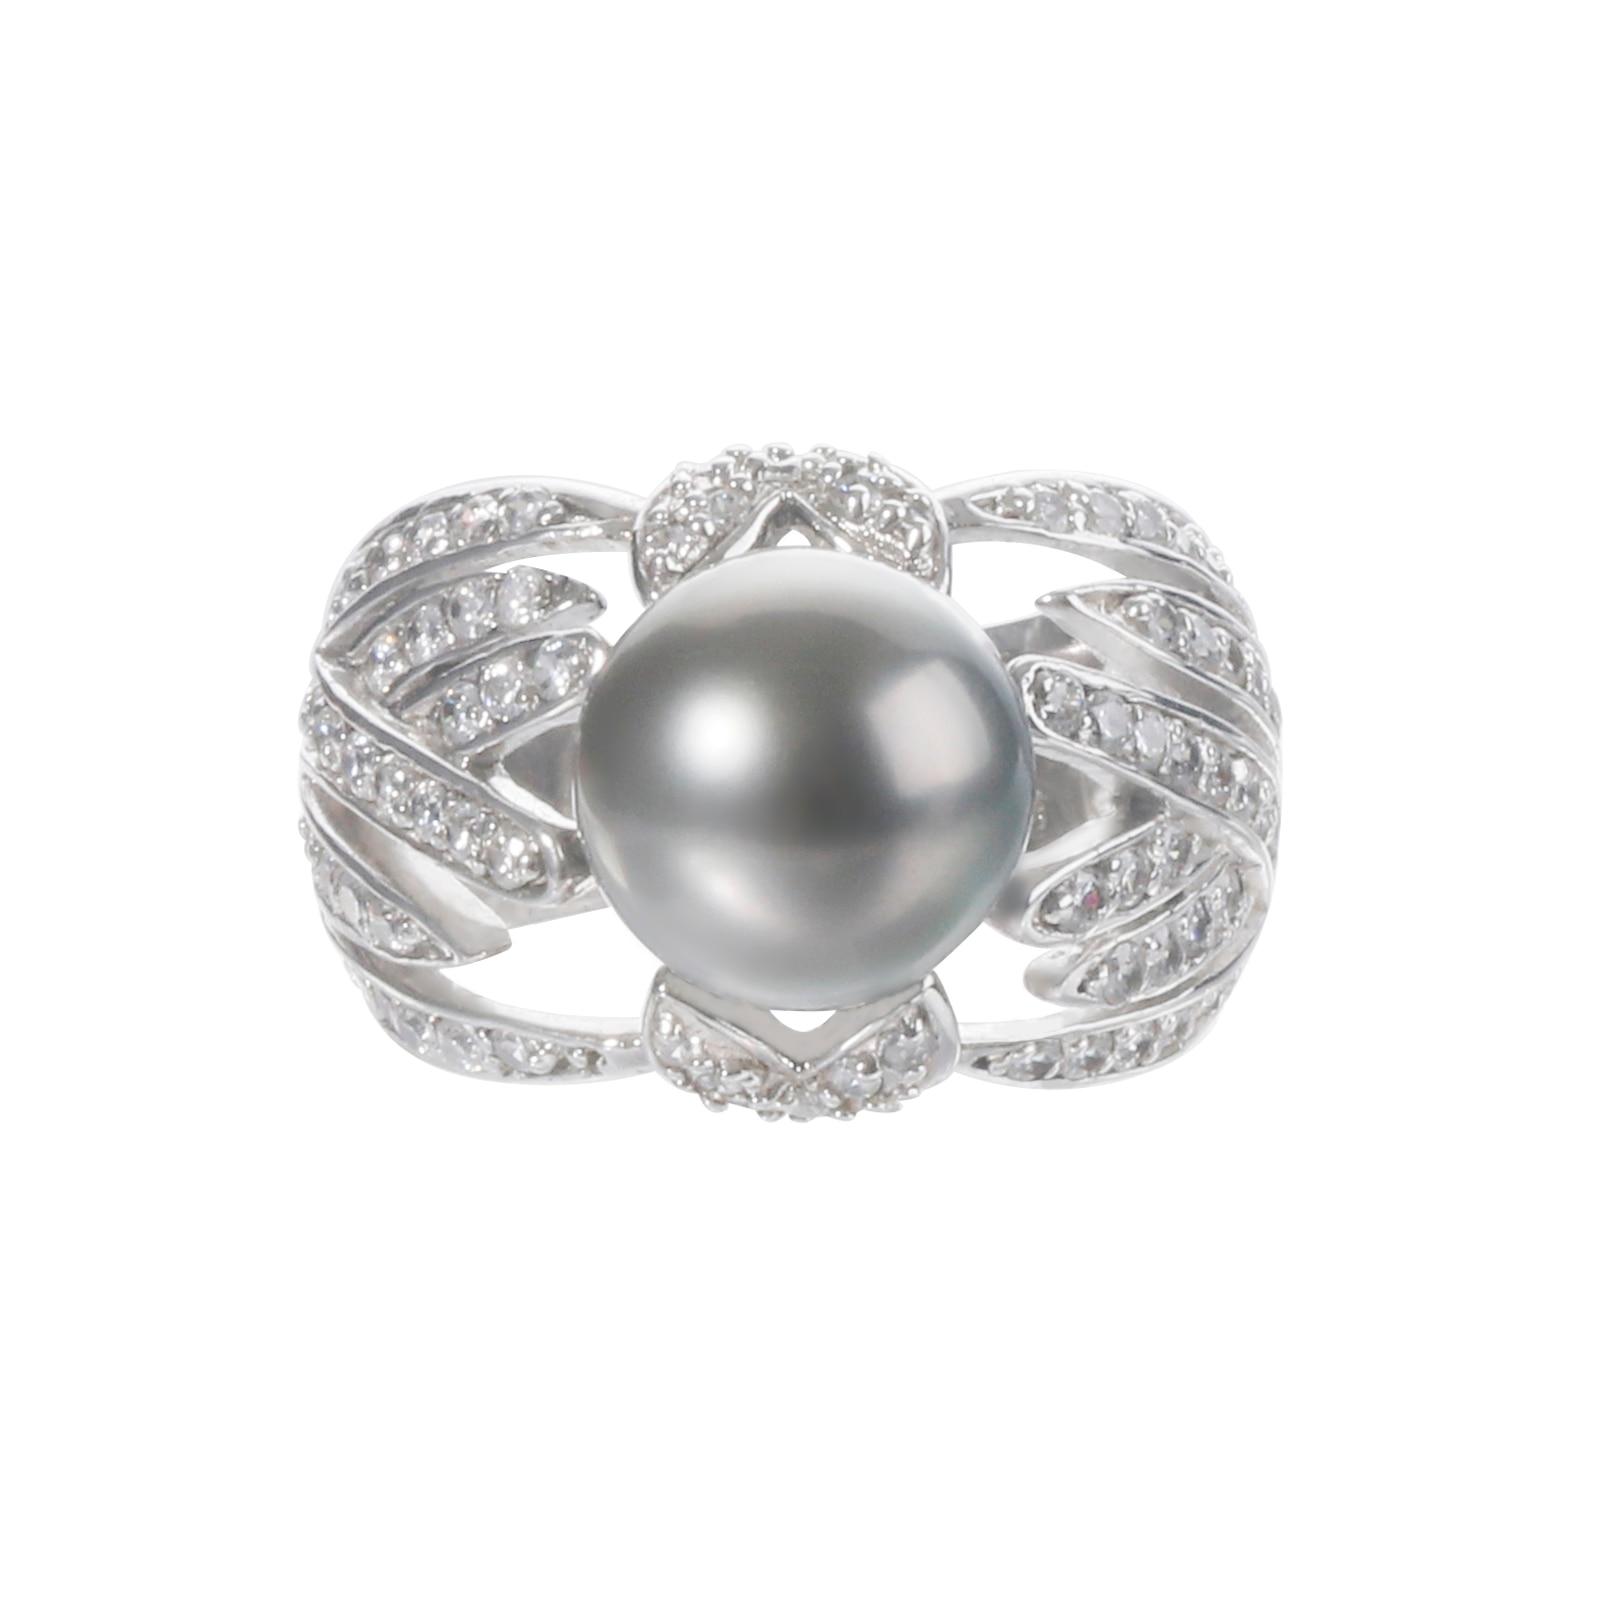 Женское-и-мужское-кольцо-из-серебра-925-пробы-с-натуральным-таитянским-жемчугом